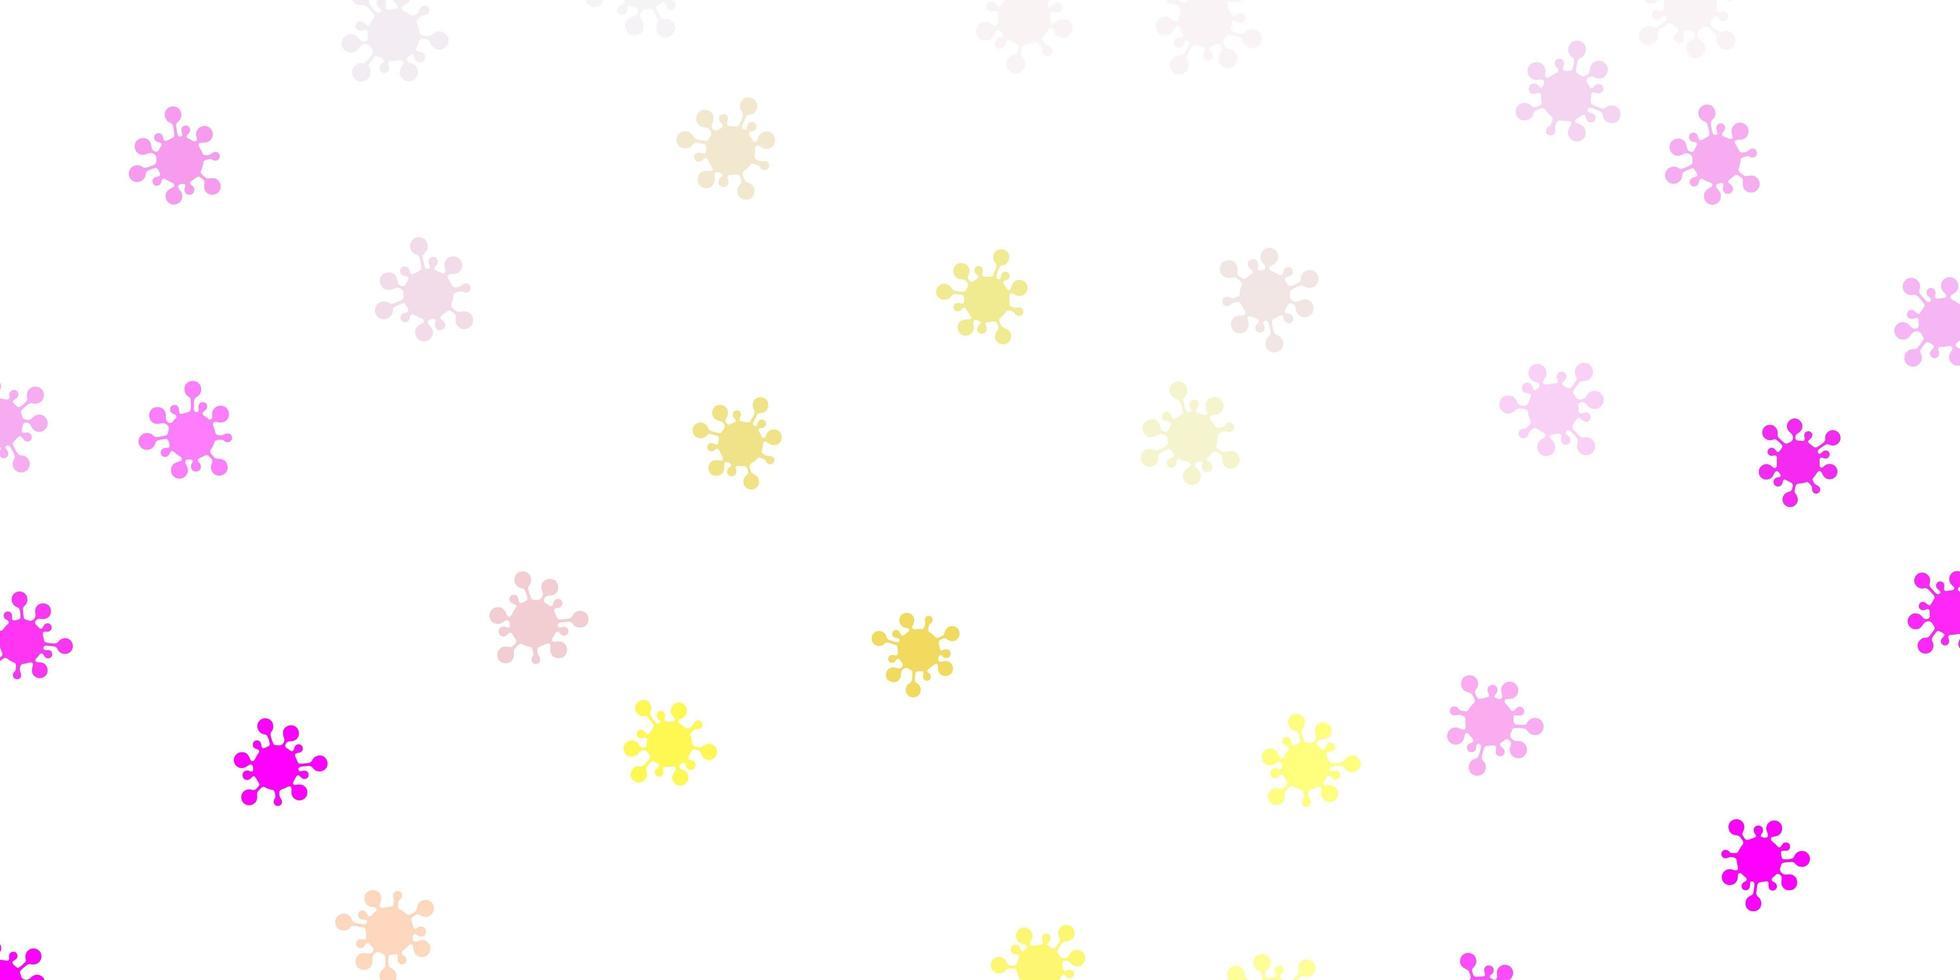 ljusrosa, gul vektorbakgrund med virussymboler vektor